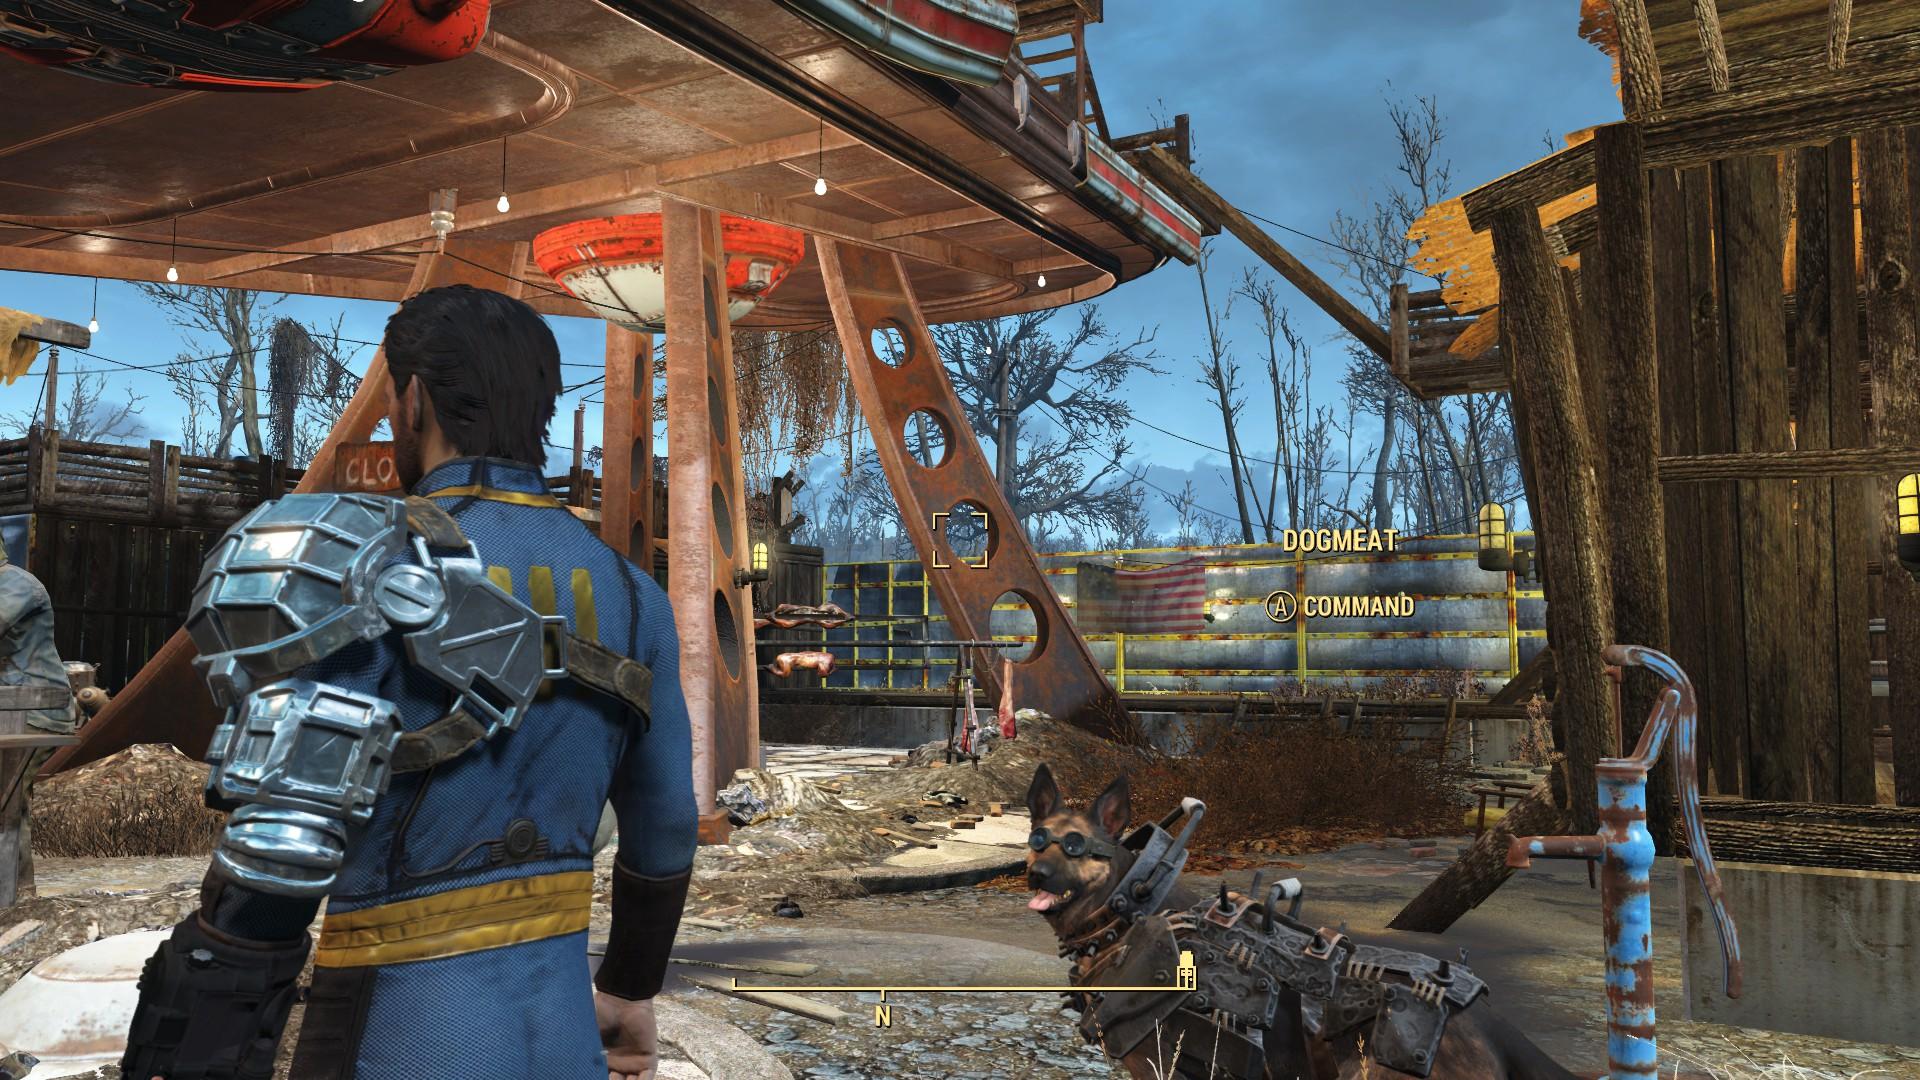 Kellogg S Metal Arm Standalone Fallout 4 Fo4 Mods